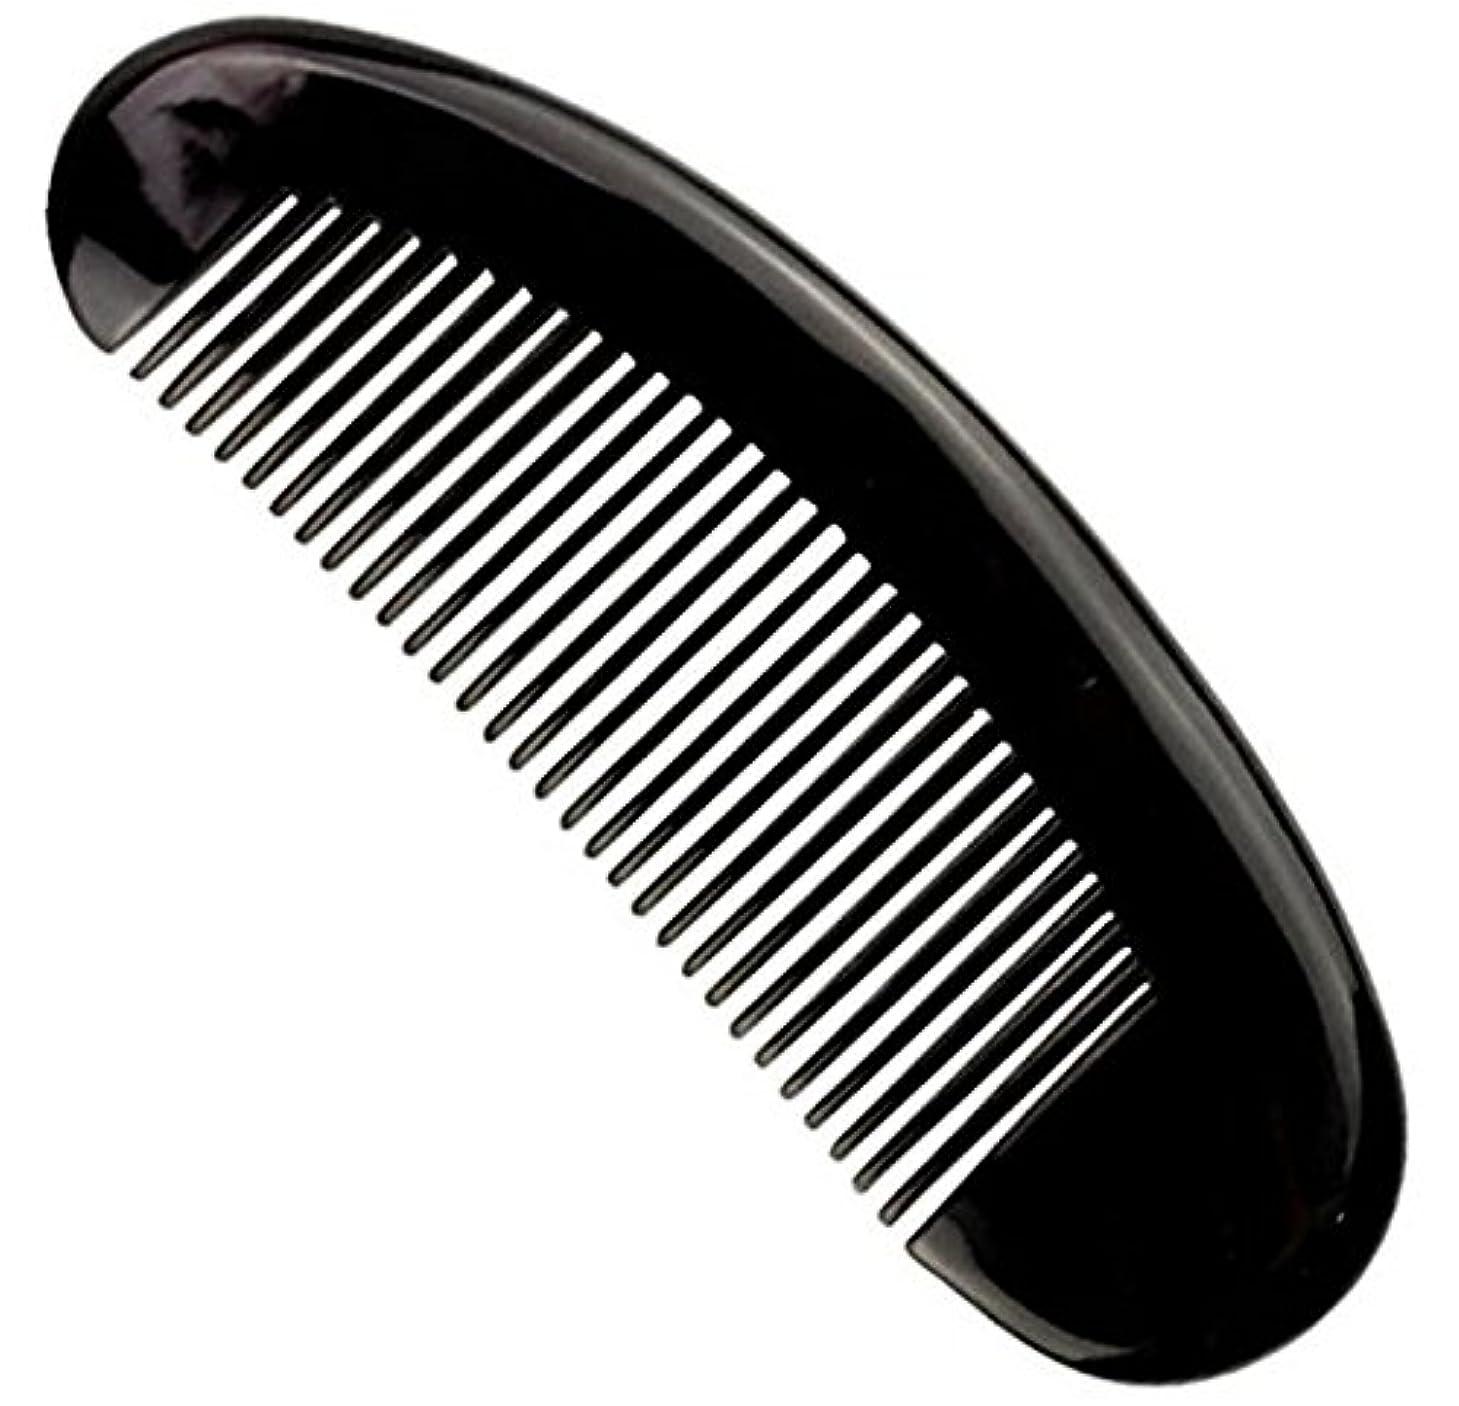 文明国豊富に櫛型 プロも使う牛角かっさプレー マサージ用 血行改善 高級 天然 静電気防止 美髪 美顔 ボディ リンパマッサージ